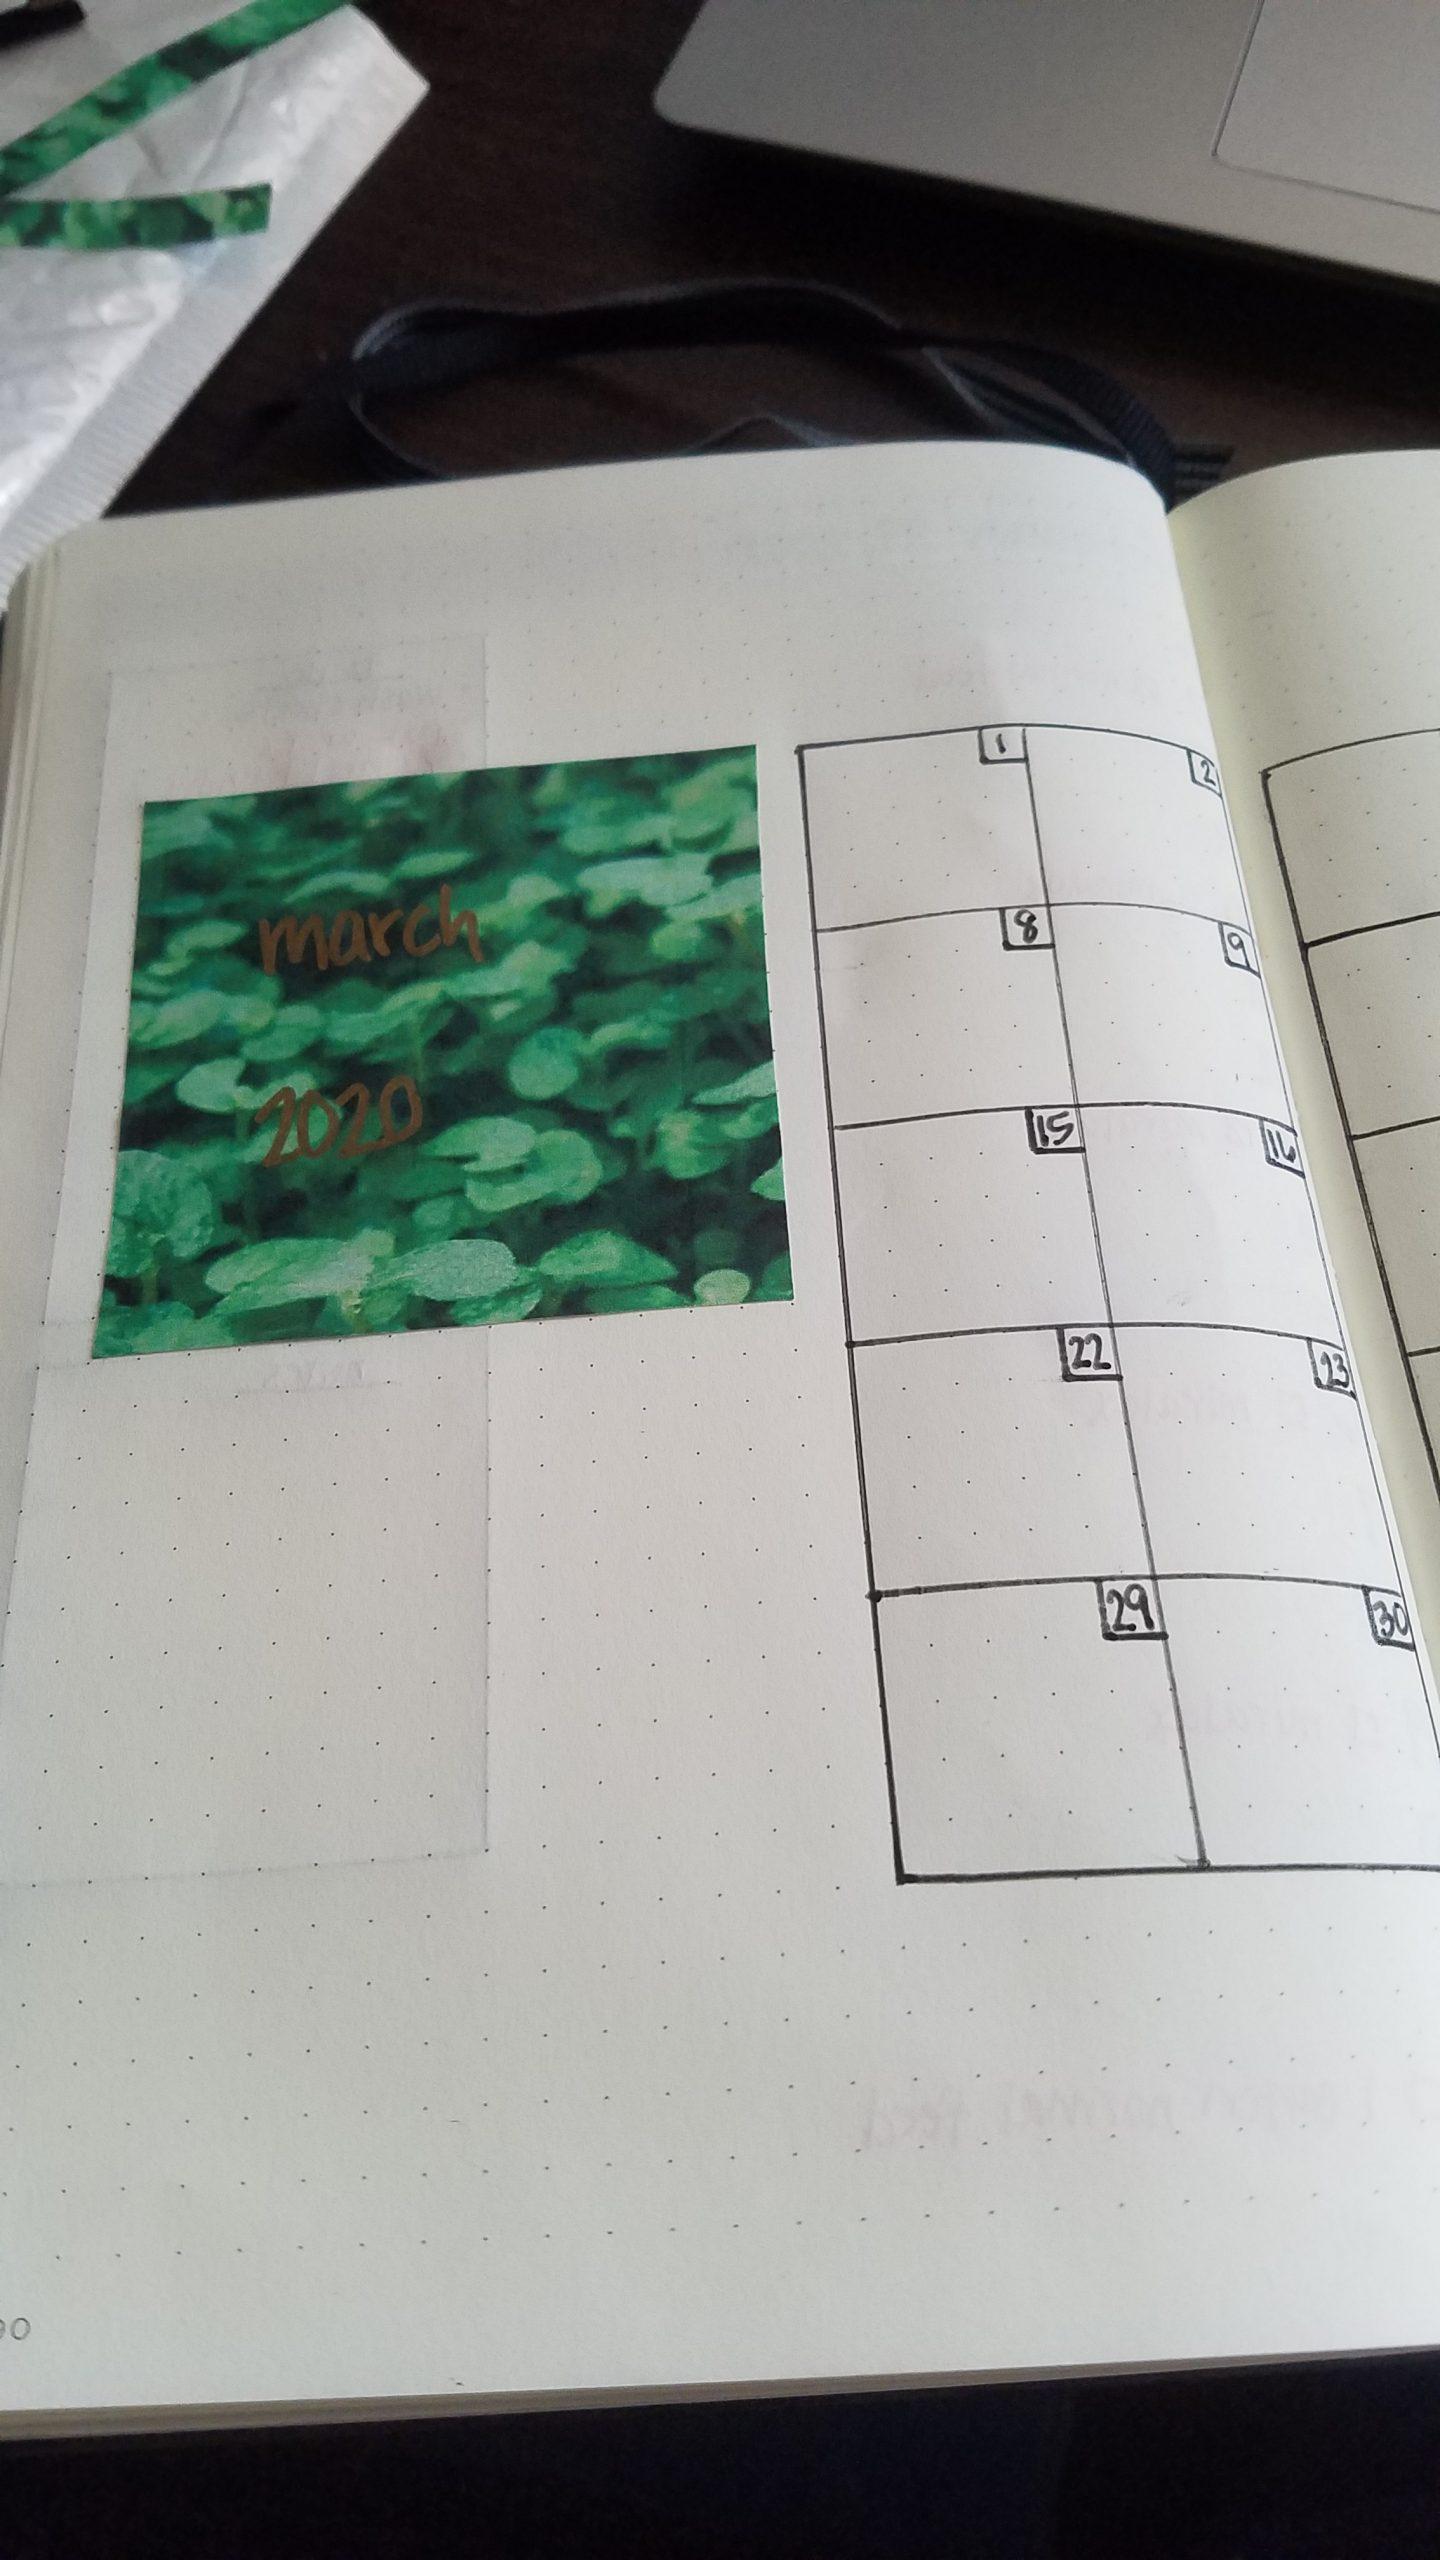 Part of the calendar.